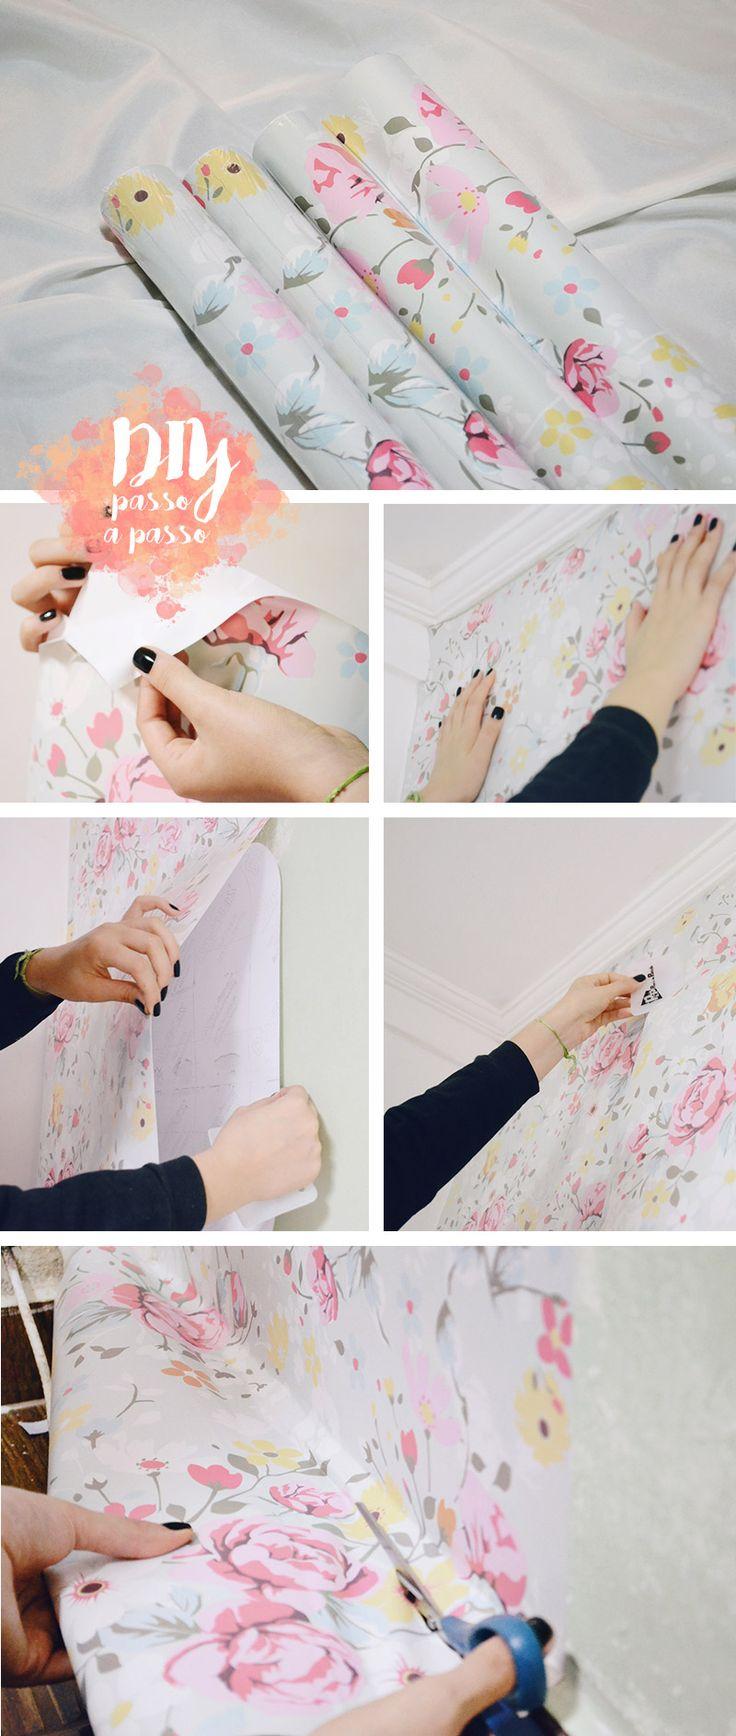 Papel de parede é uma maneira fácil e rápida de decorar com criatividade, renovando qualquer ambiente, mas isso você já sabe, não é?! O grande problema des